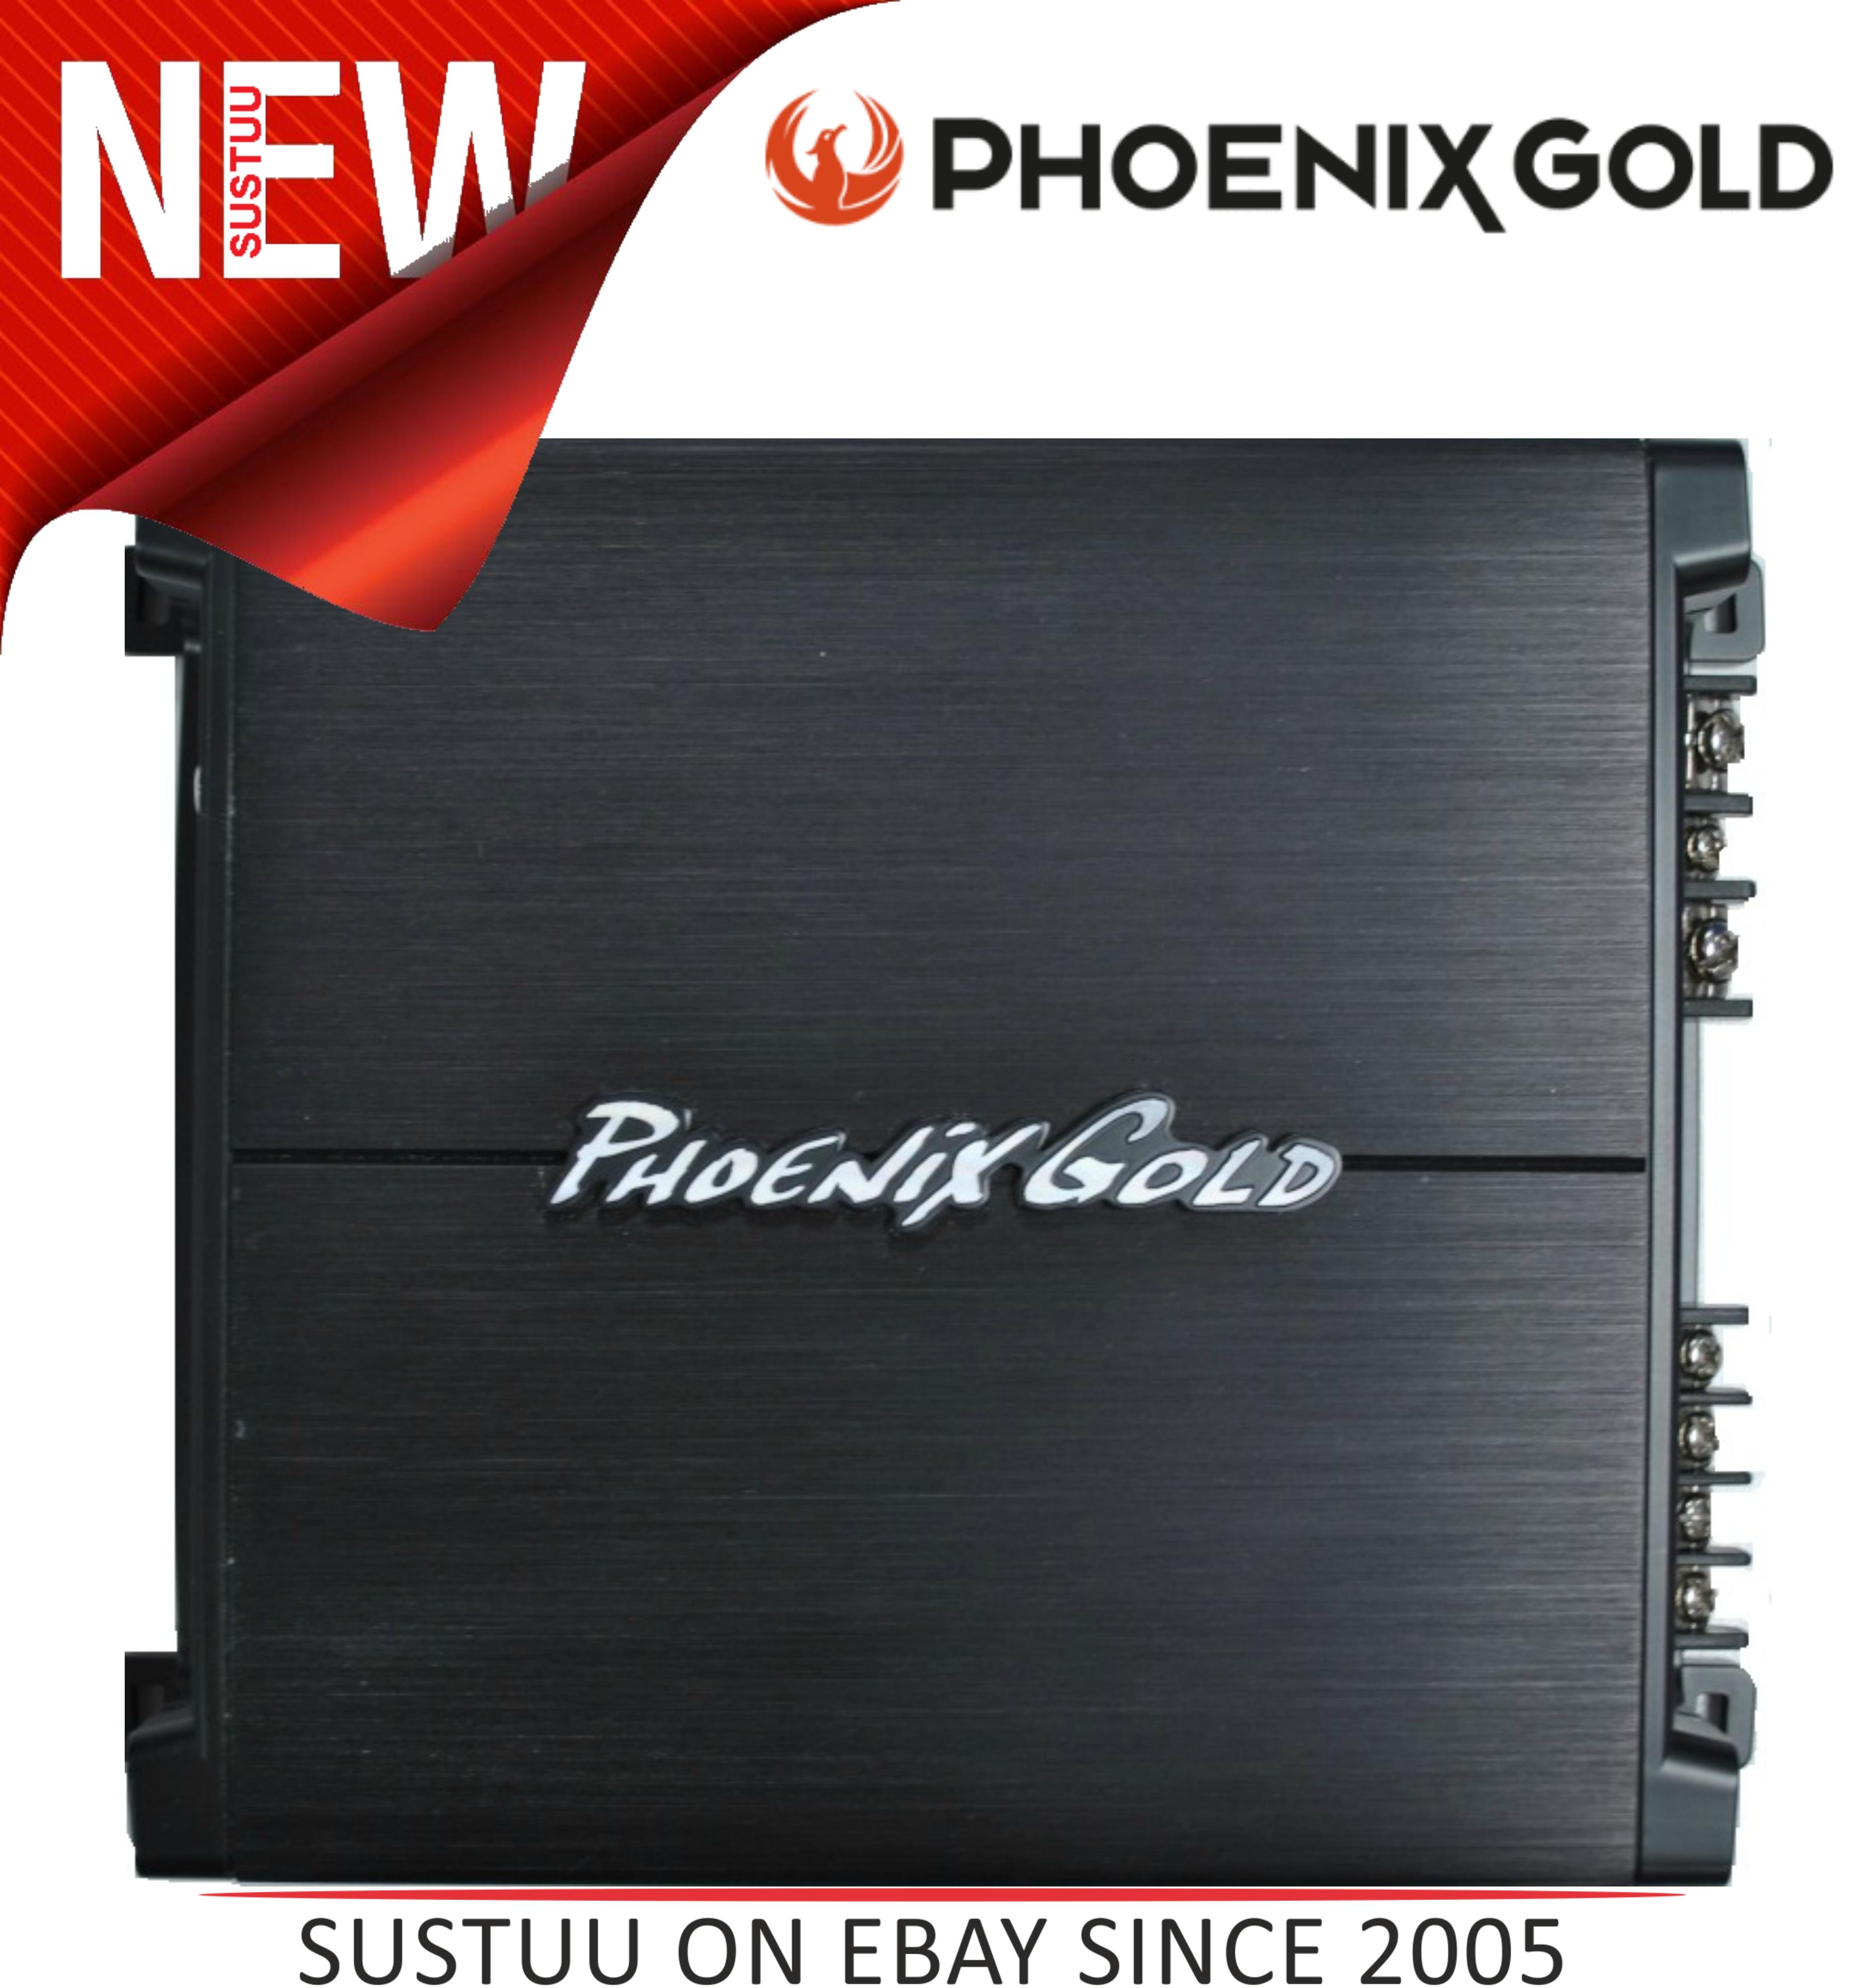 Phoenixgold Z1502 600 Watt Hi/Low Level Remote Bass Control 2 Channel Amplifier